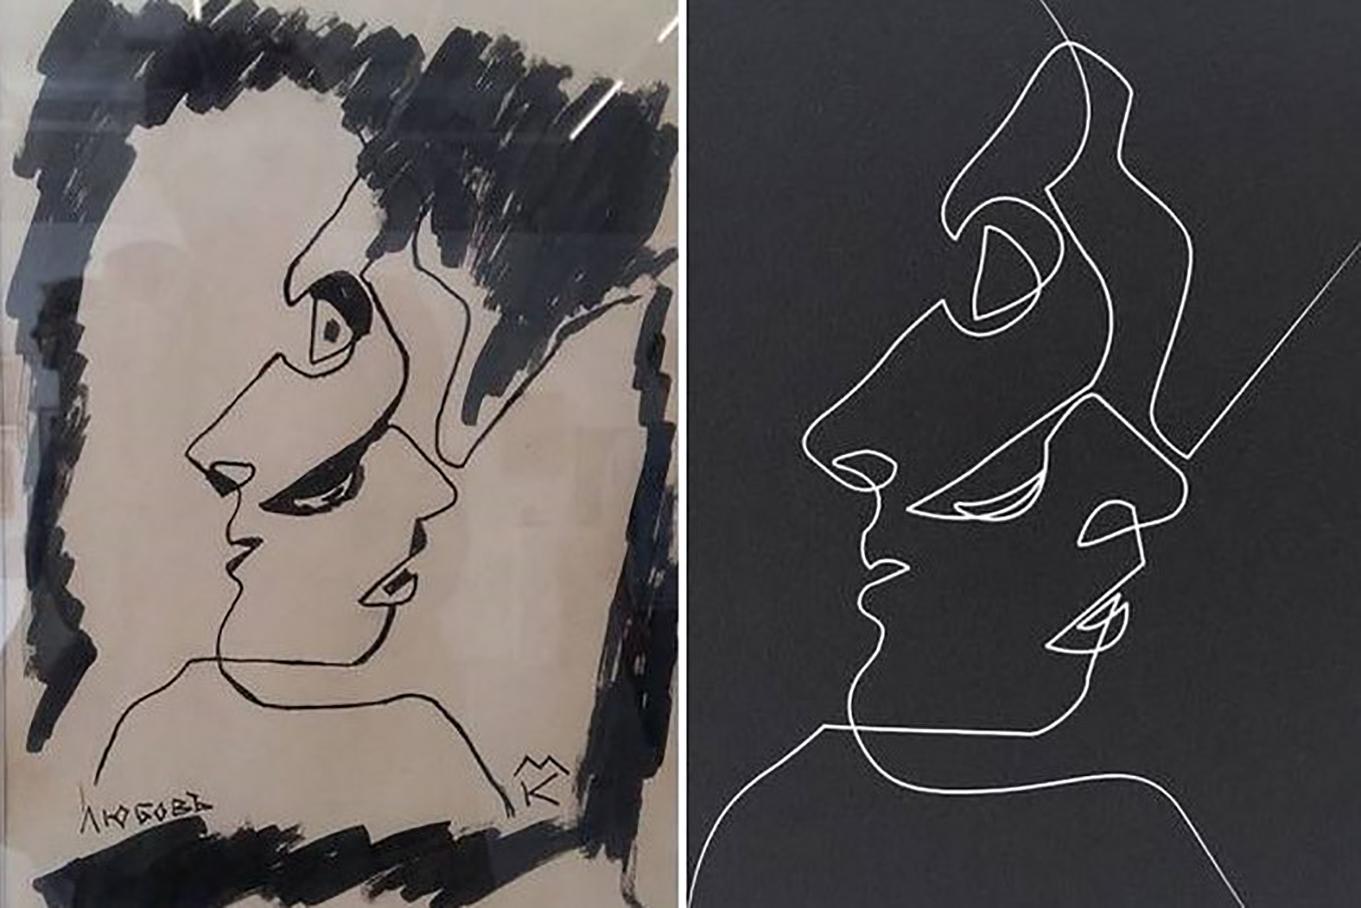 À gauche, le dessin attribué (selon le catalogue d'exposition) au peintre Marco Kraculev (mort en 1972). À droite, le portrait de Glenn Close par l'artiste français Quibe.